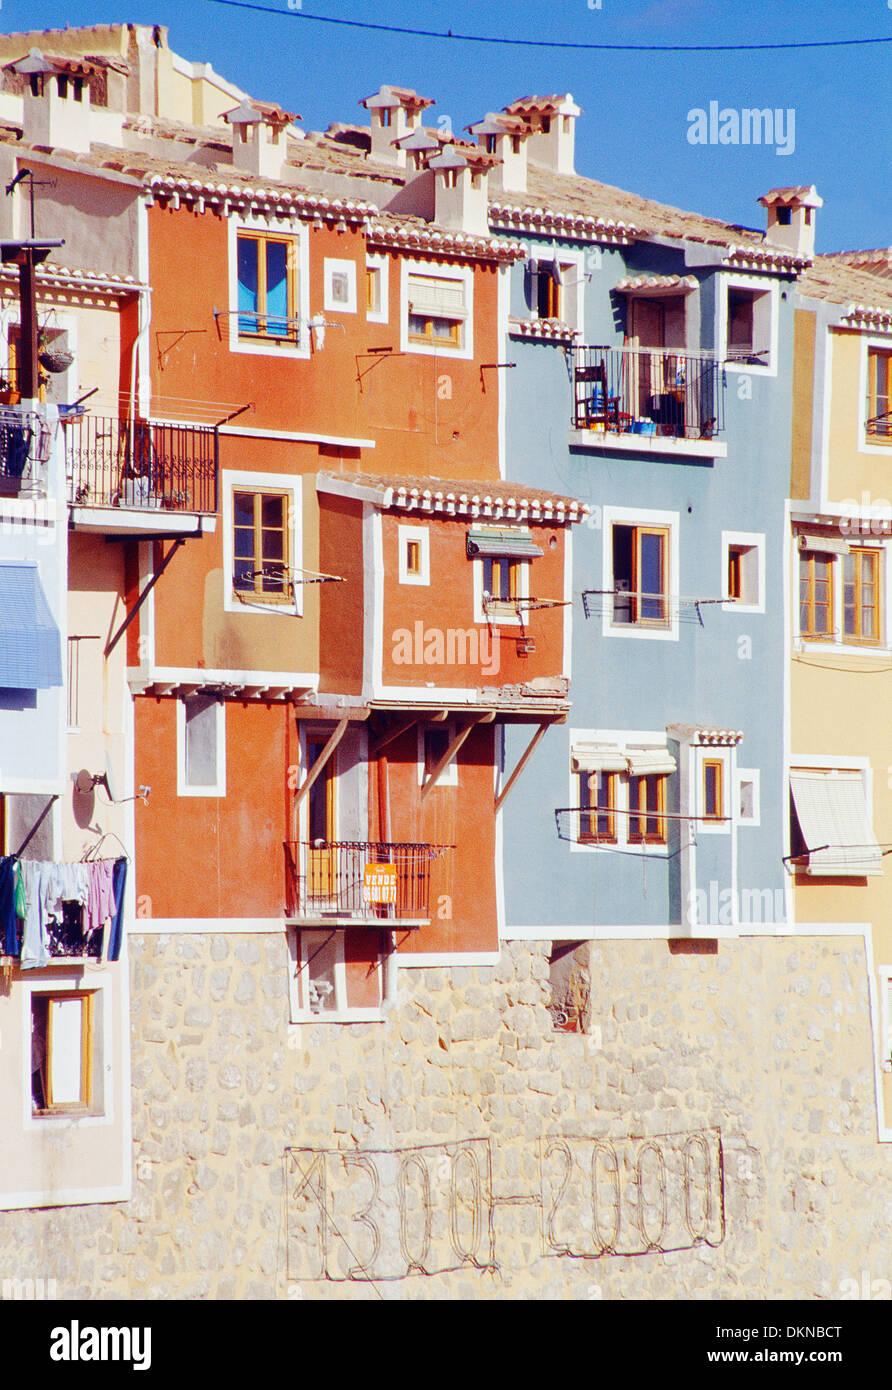 Color facades. Villajoyosa. Alicante province. Comunidad Valenciana. Spain. - Stock Image